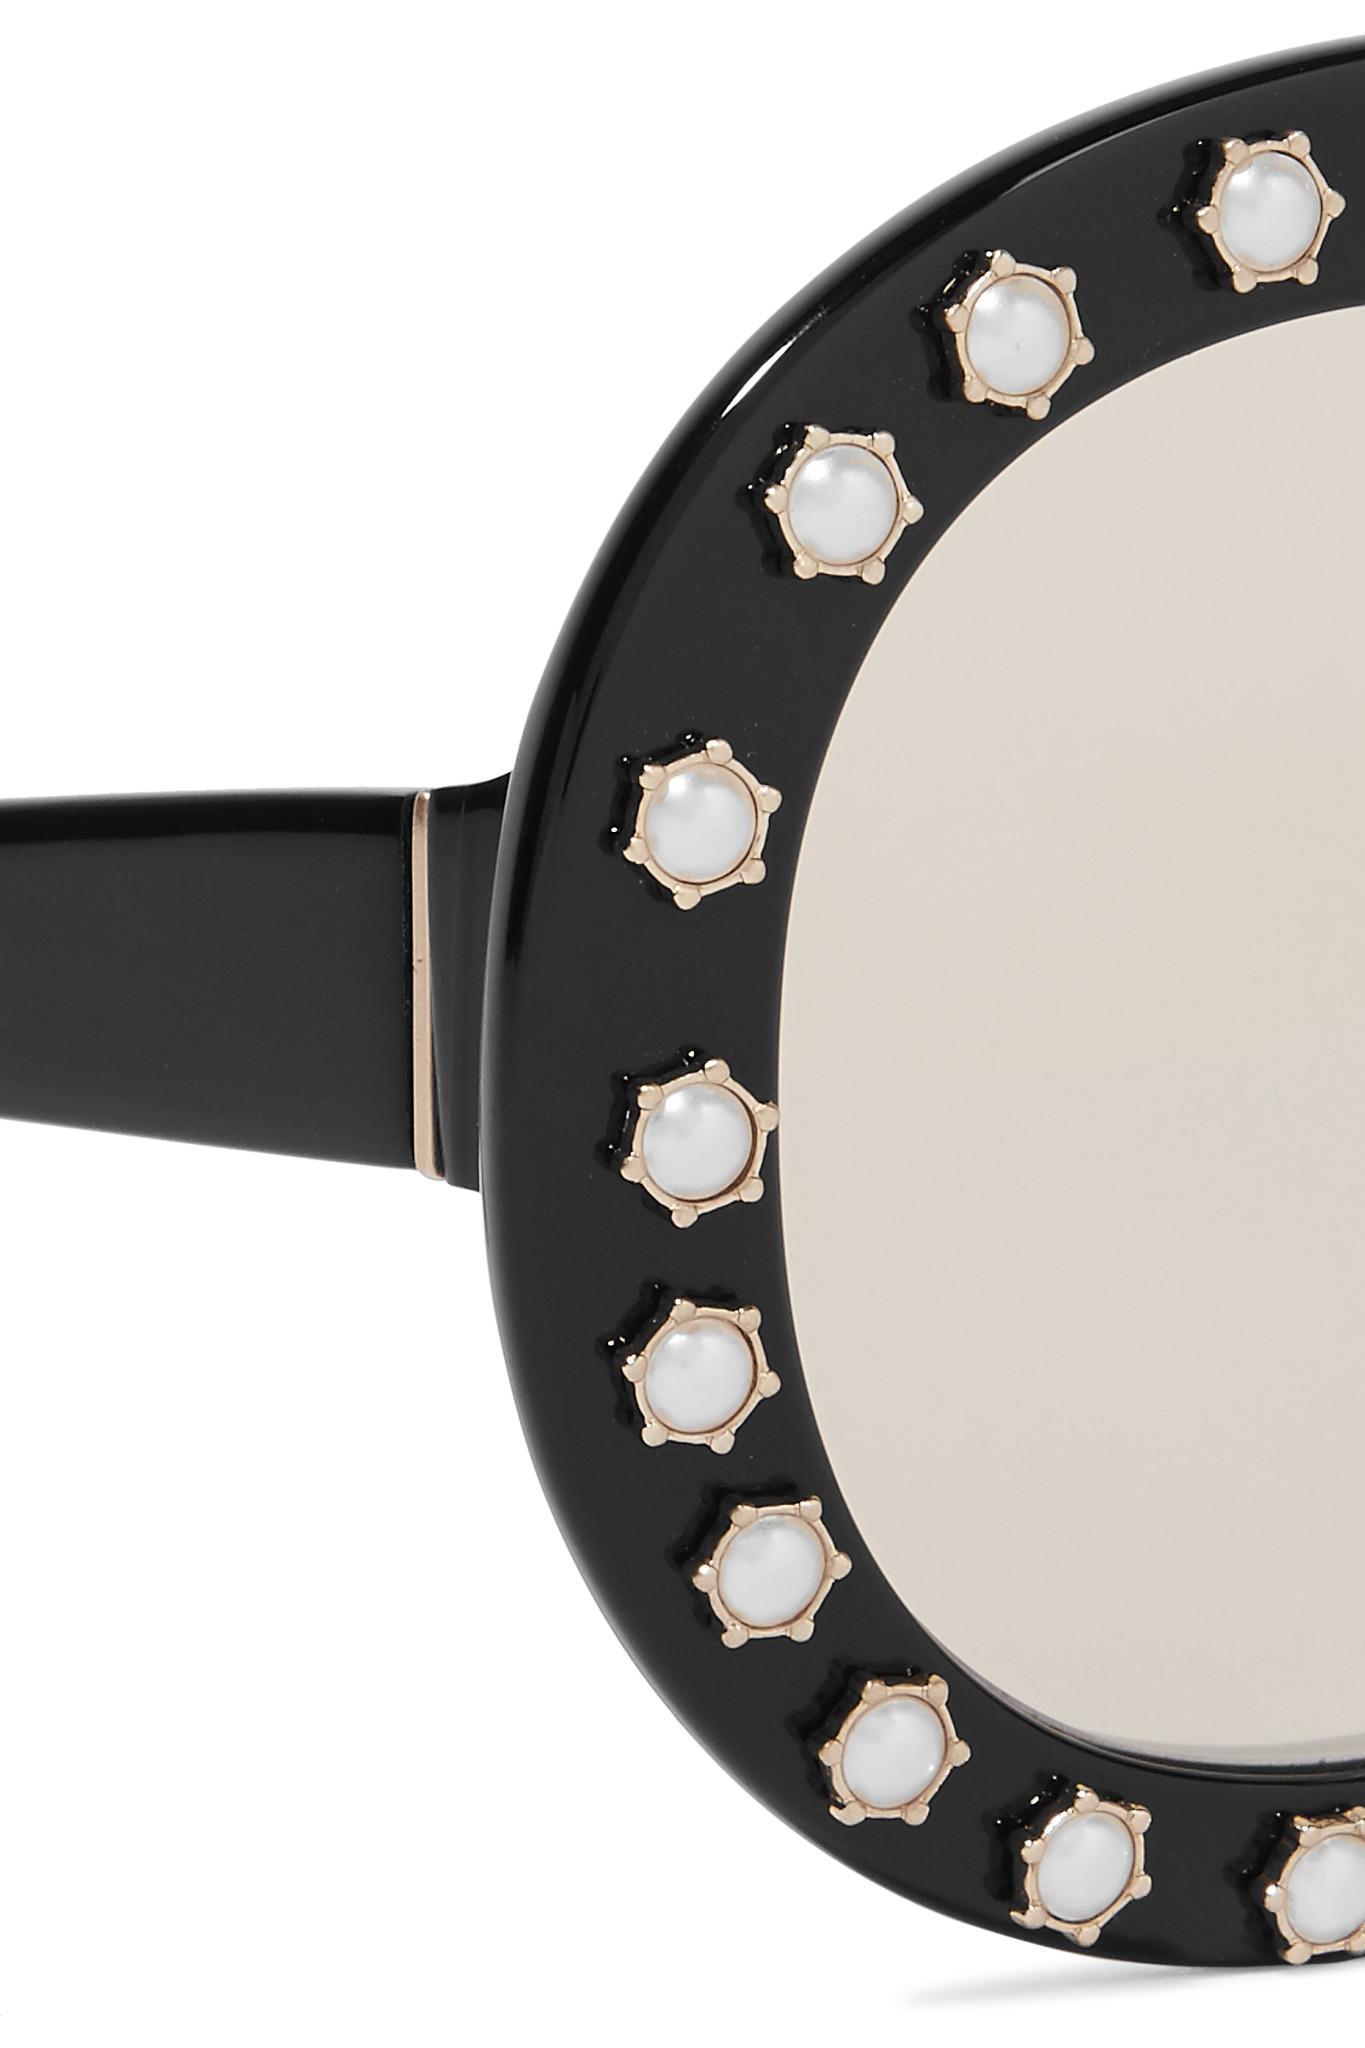 Bel Lunettes De Soleil En Acétate-frame Ronde Embelli De Perles Swarovski D'air - Noir Alice & Olivia kNAGmomR